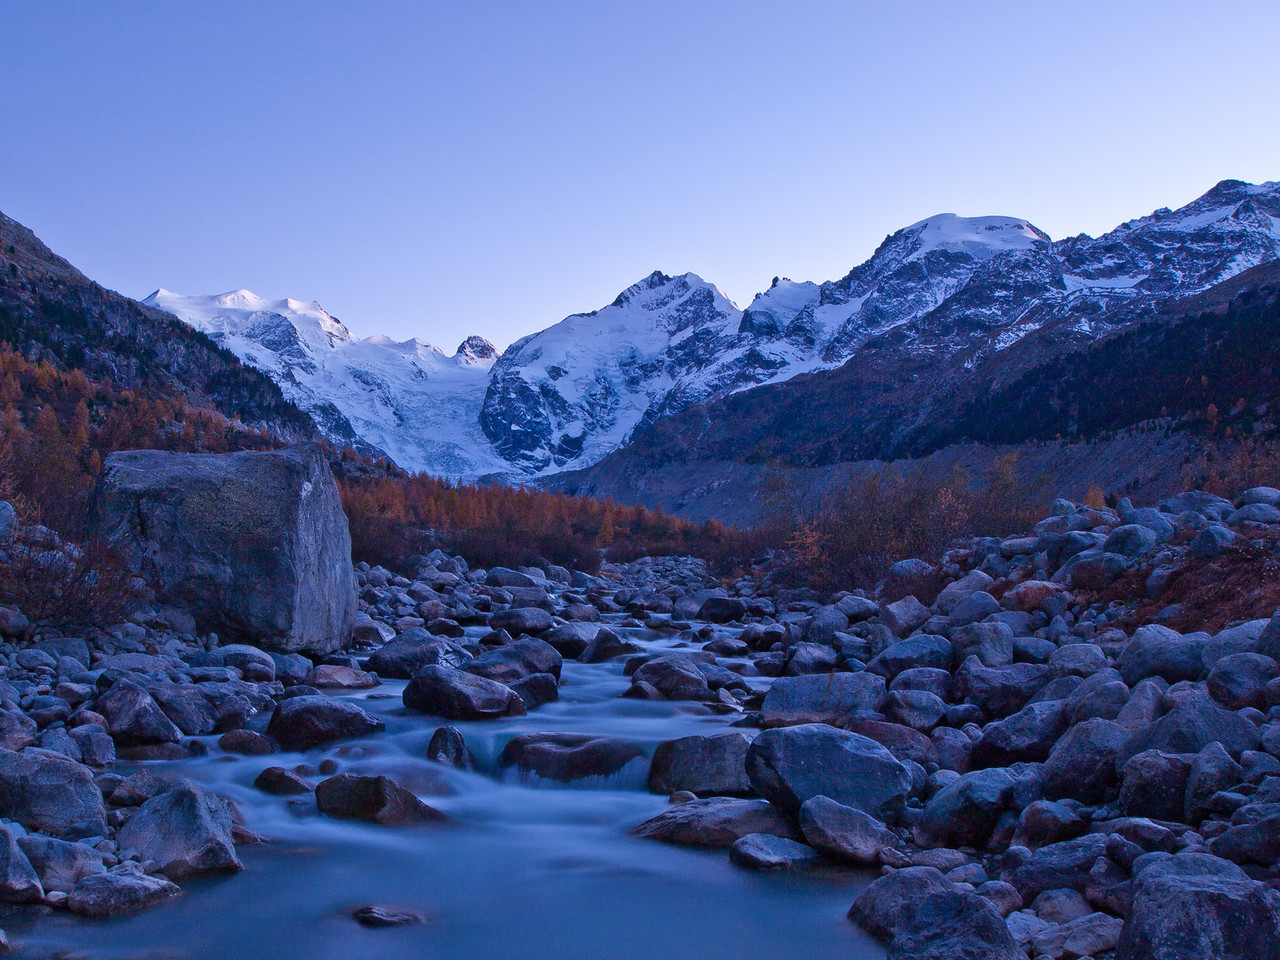 Frostige Stimmung in der Val Morteratsch